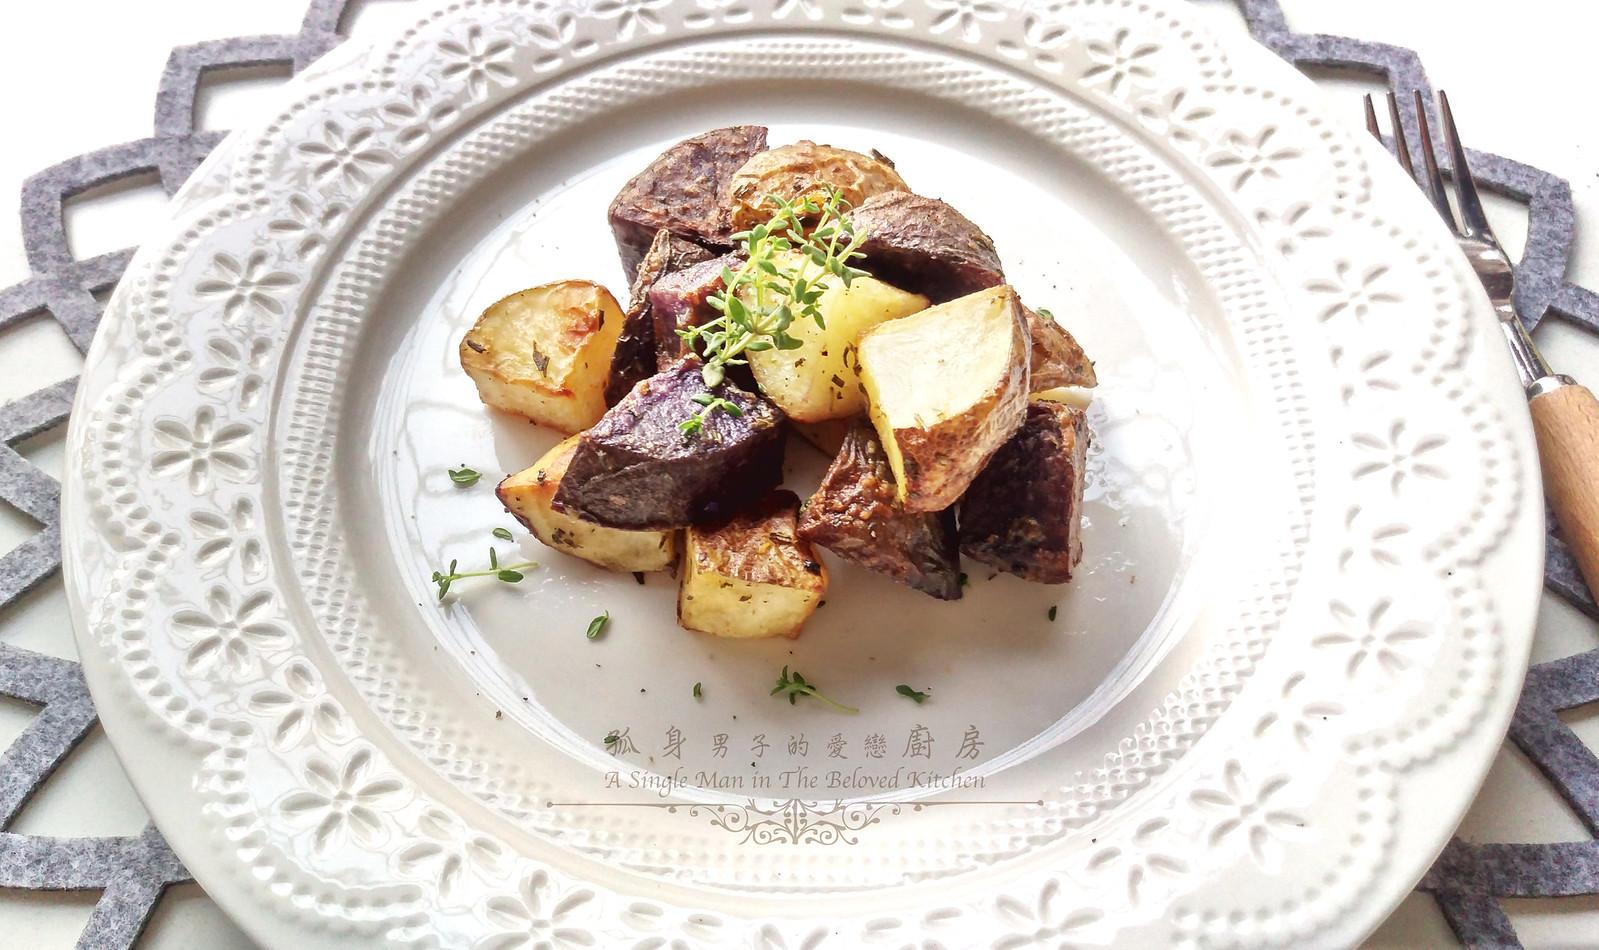 孤身廚房-香草烤雙色馬鈴薯──好吃又簡單的烤箱料理18